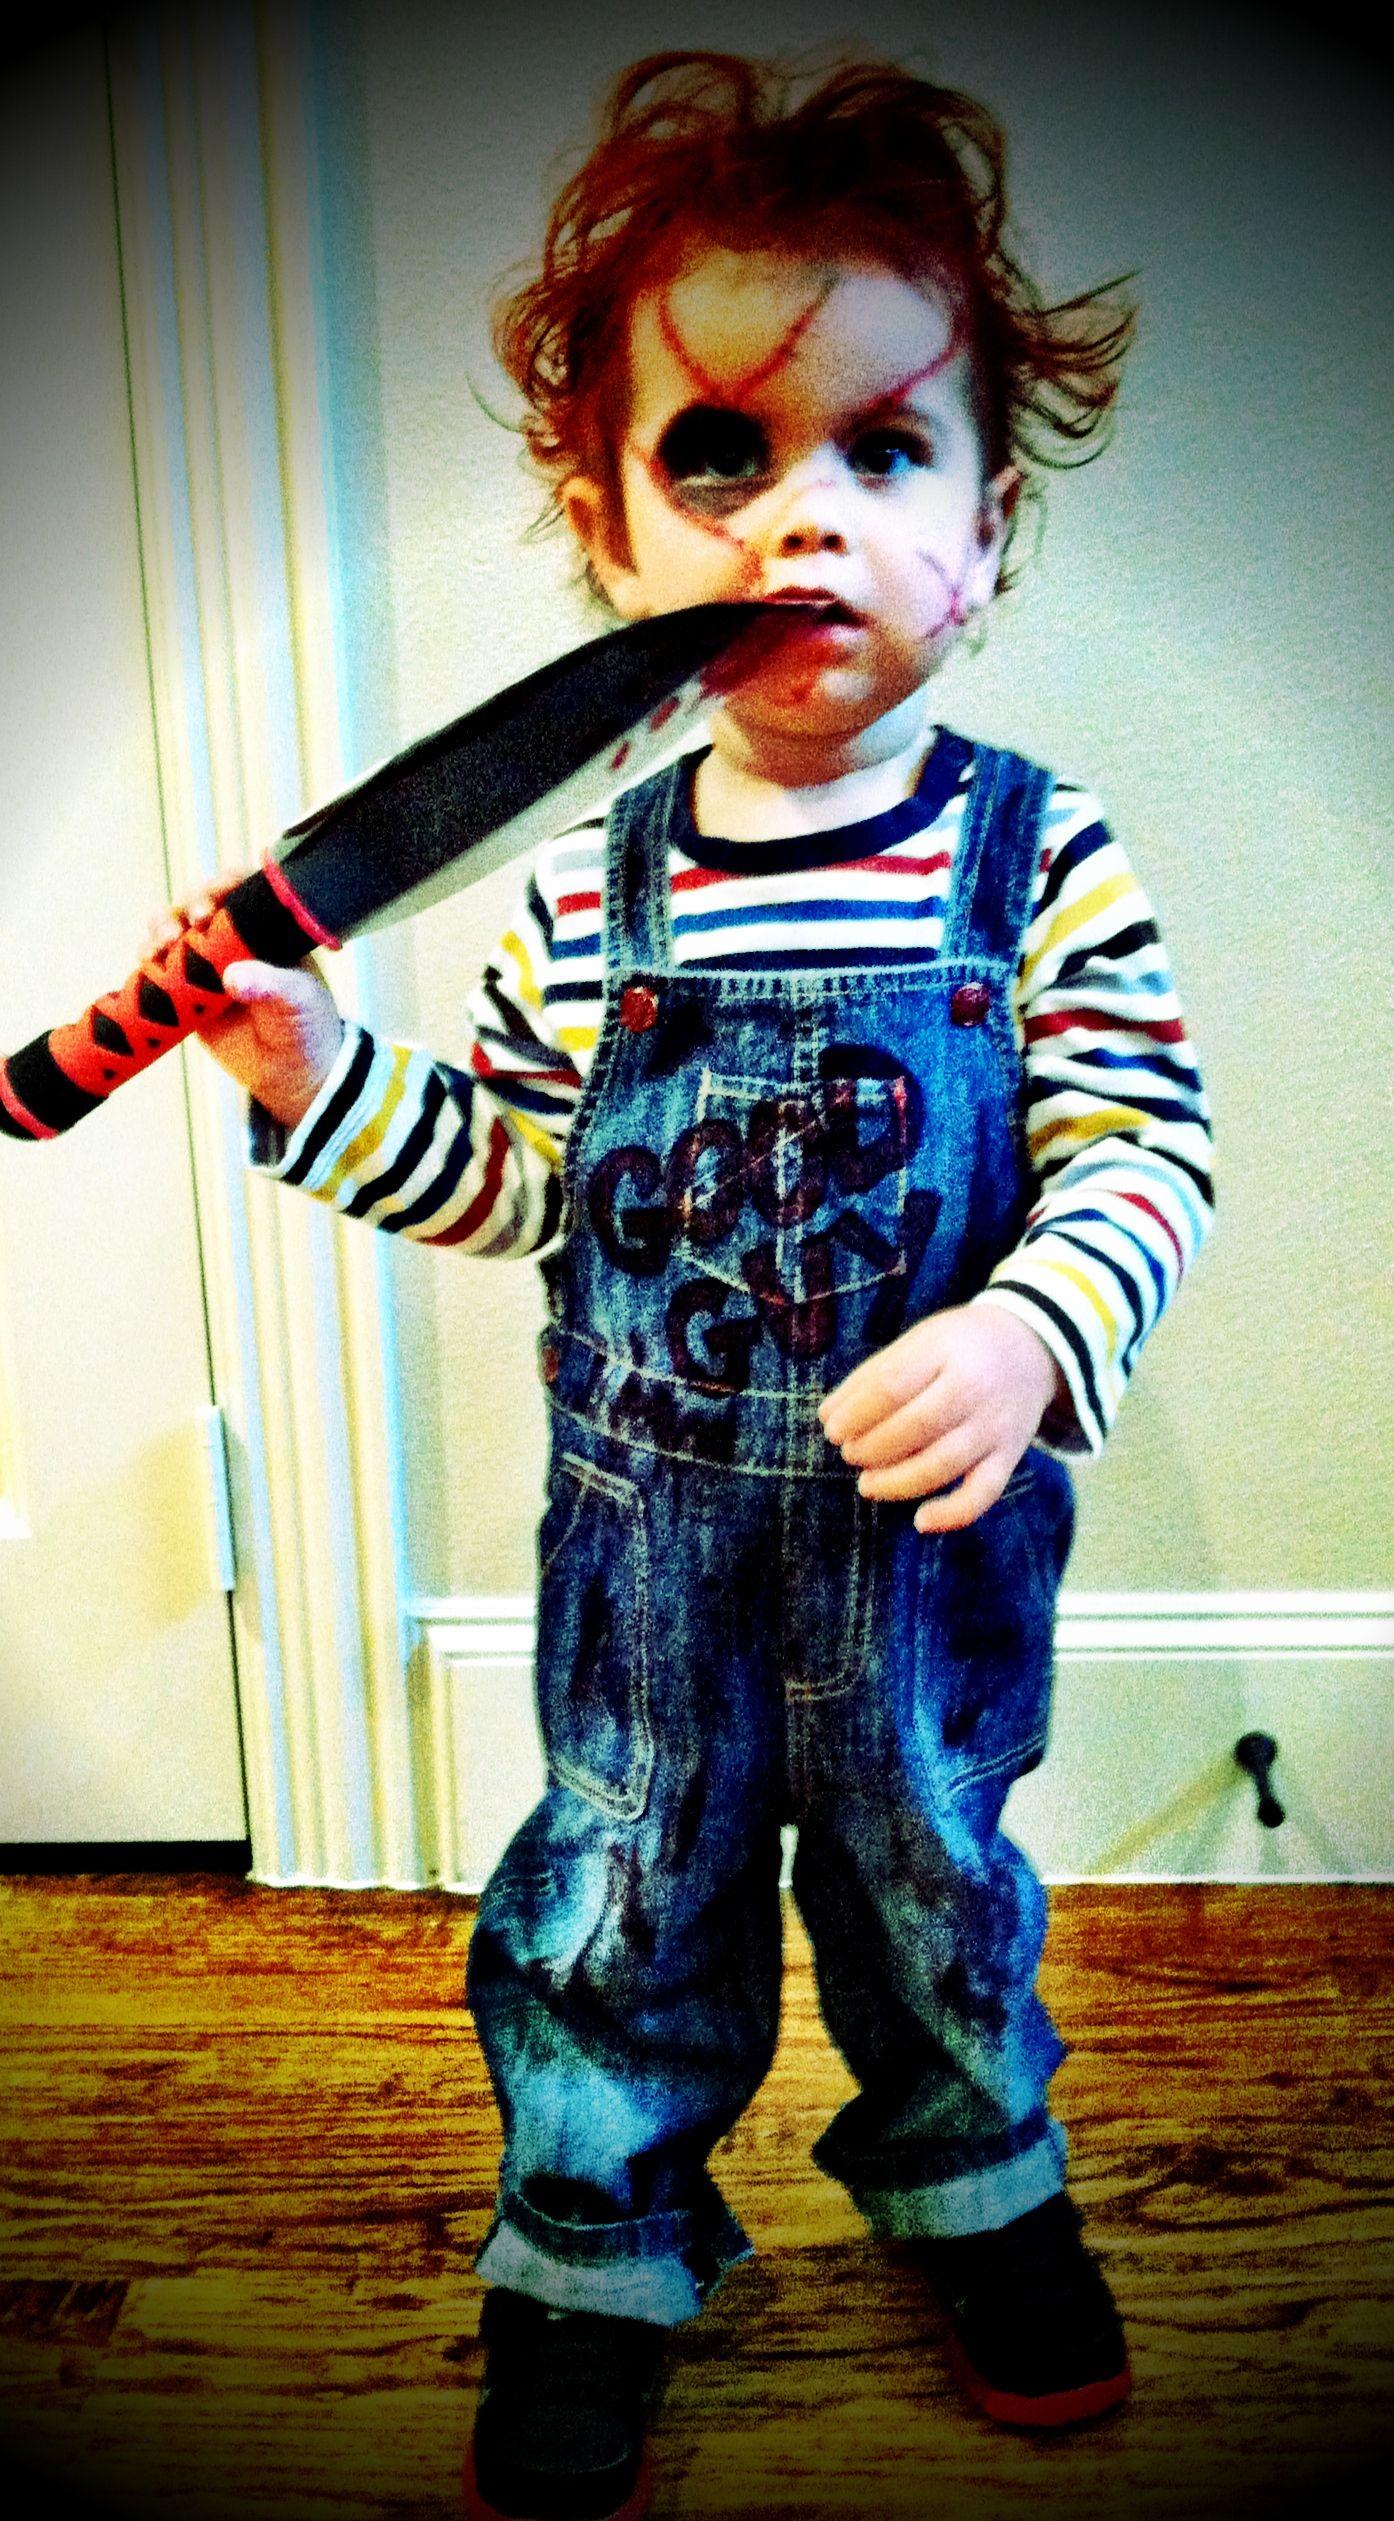 Las mejores ideas de disfraces de halloween para ni os - Disfraz halloween bebe 1 ano ...